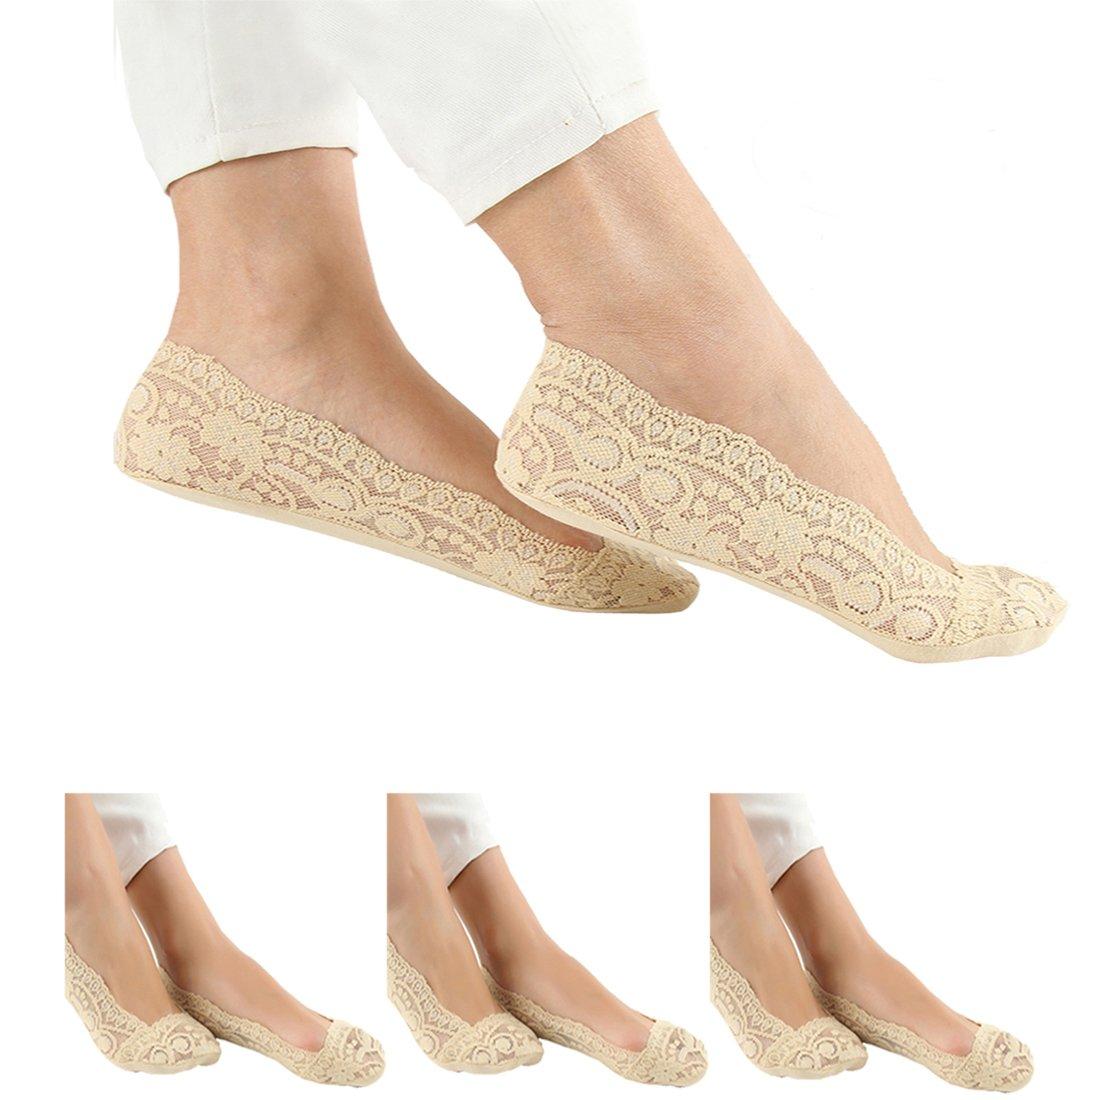 Damen Füßlinge Ballerina Socken Spitze Footies Sneakersocken 3 oder 5 Paar